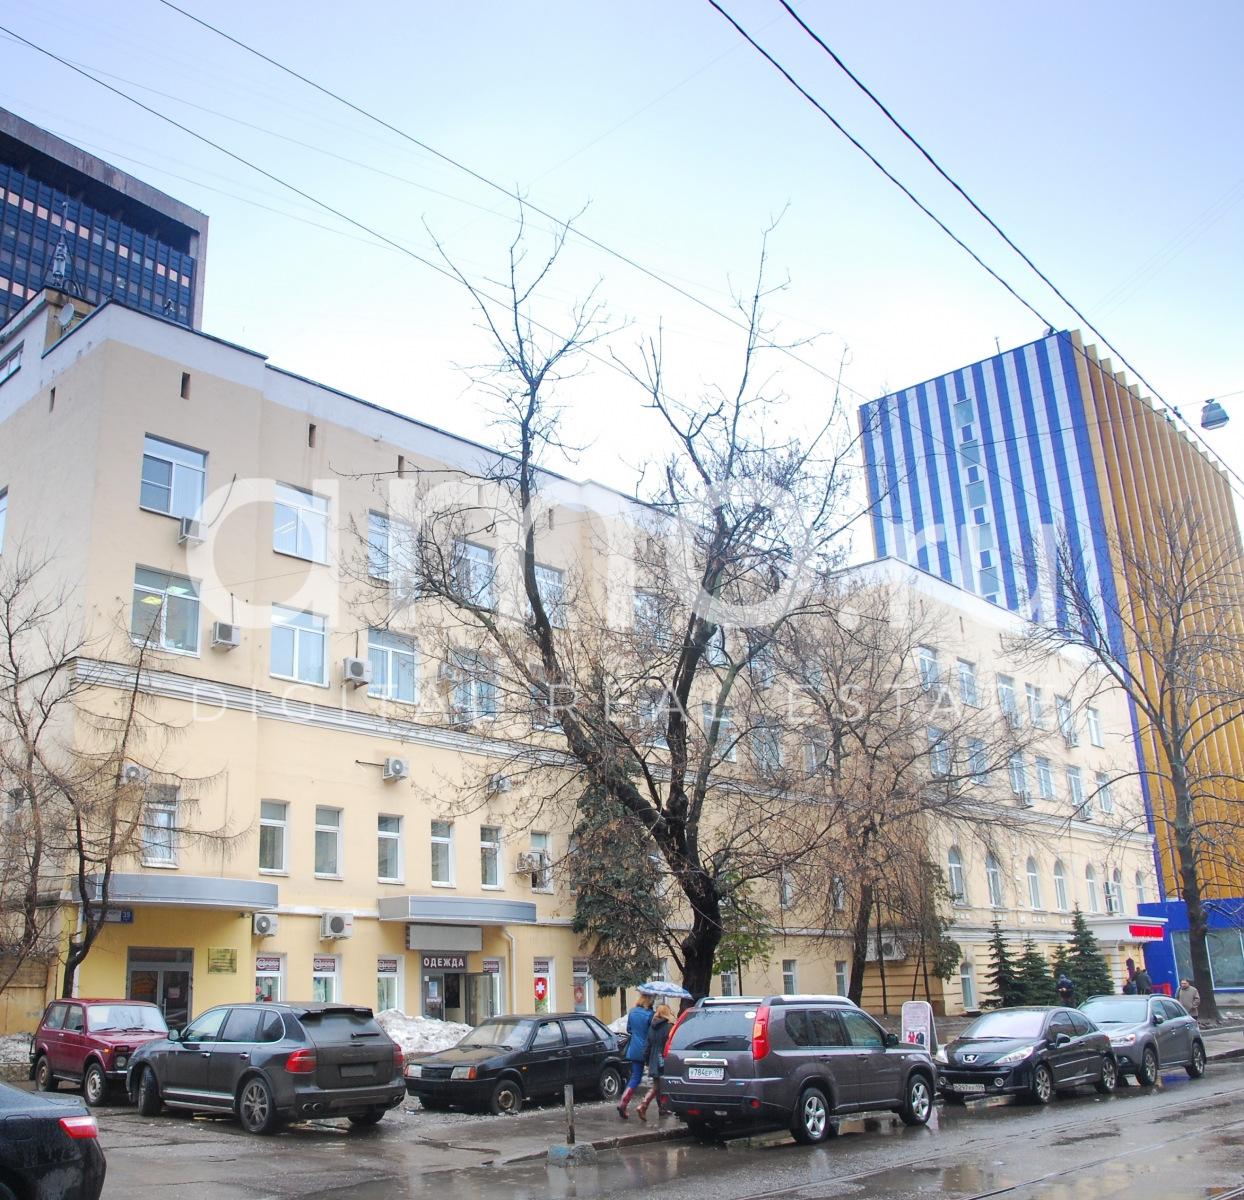 Аренда офисных помещений Дурова улица новости-коммерческая недвижимость